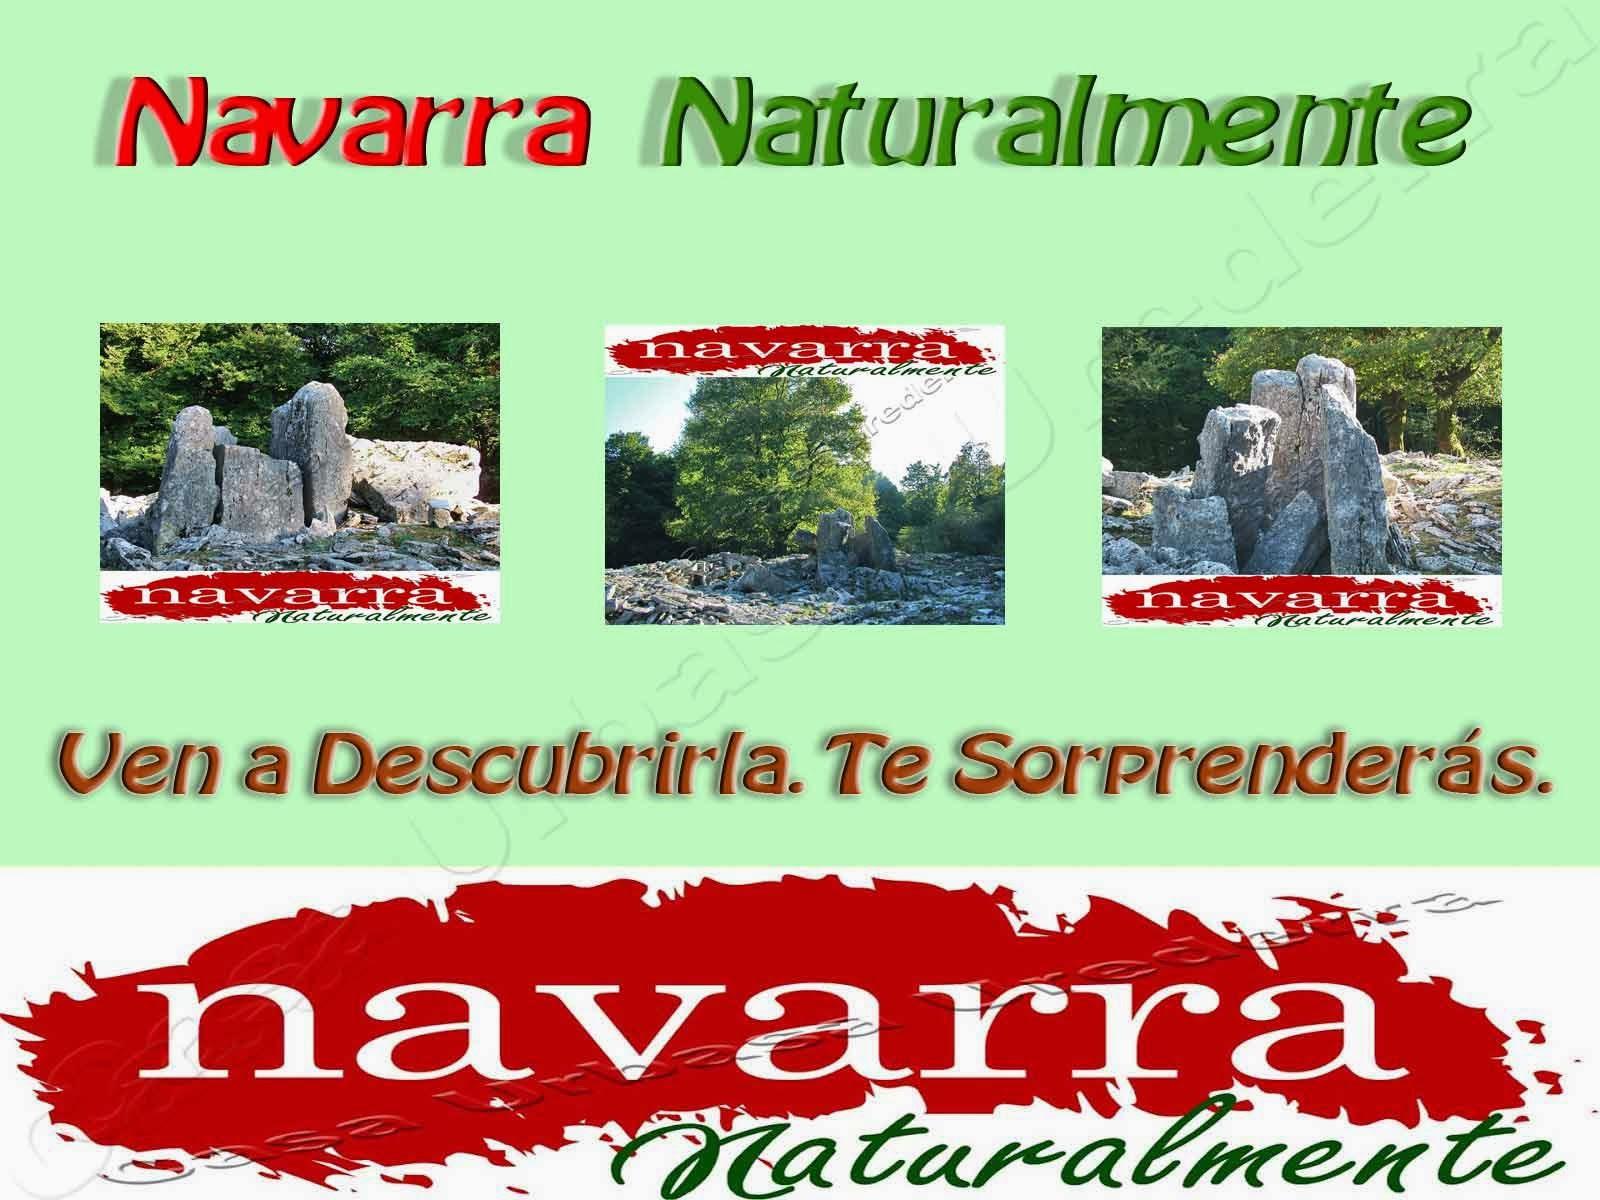 Navarra Naturalmente es un Destino Turístico que ofrece a sus visitantes muchas actividades para poder conocer, disfrutar y  satisfacer sus expectativas, turísticas, Naturalísticas y Gastronómicas.